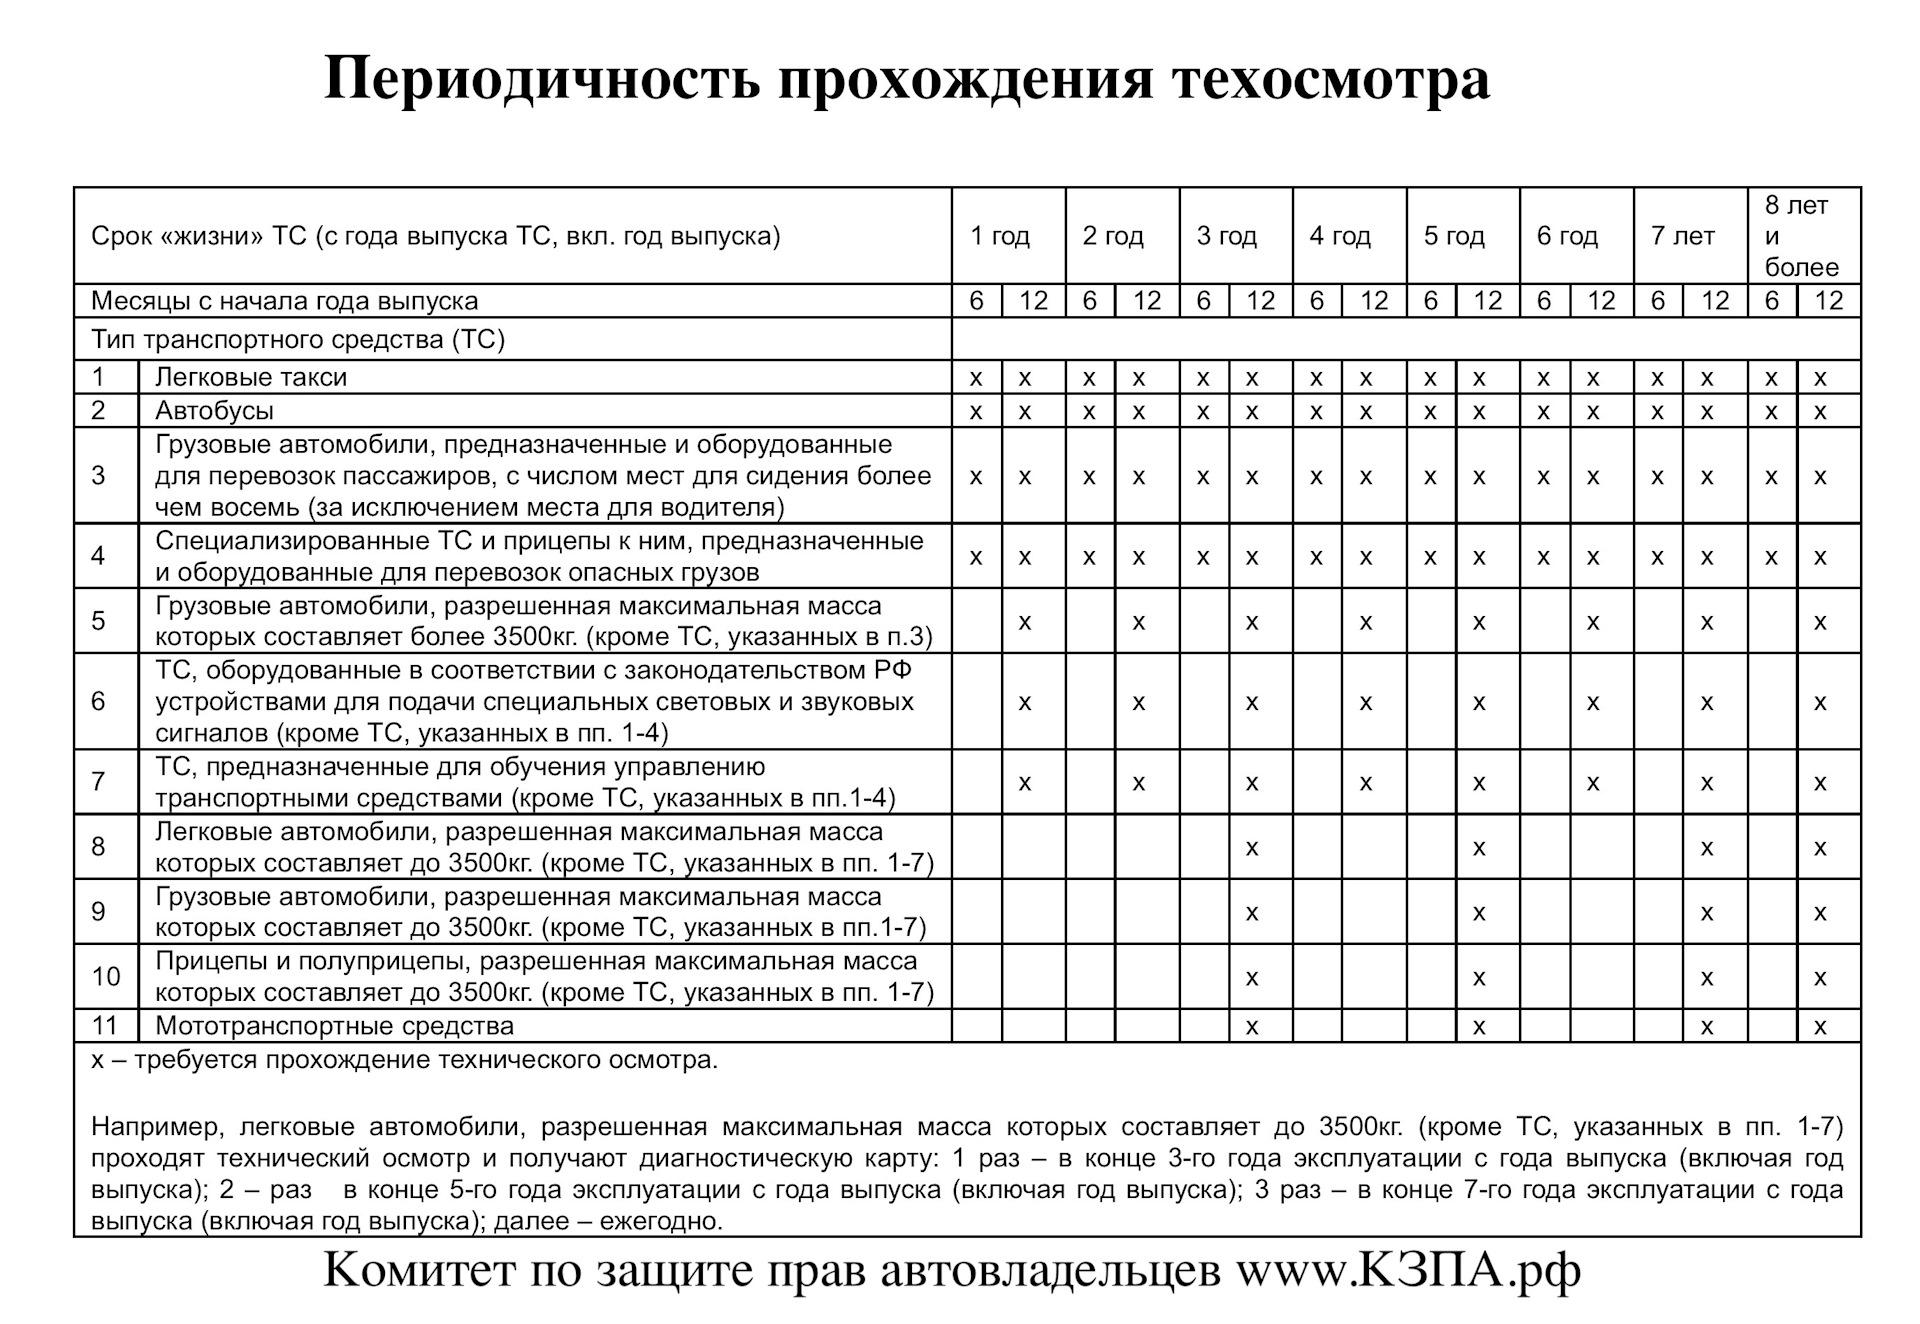 kolichestvo-provedennih-tehnicheskih-osmotrov-devushki-doyat-penisi